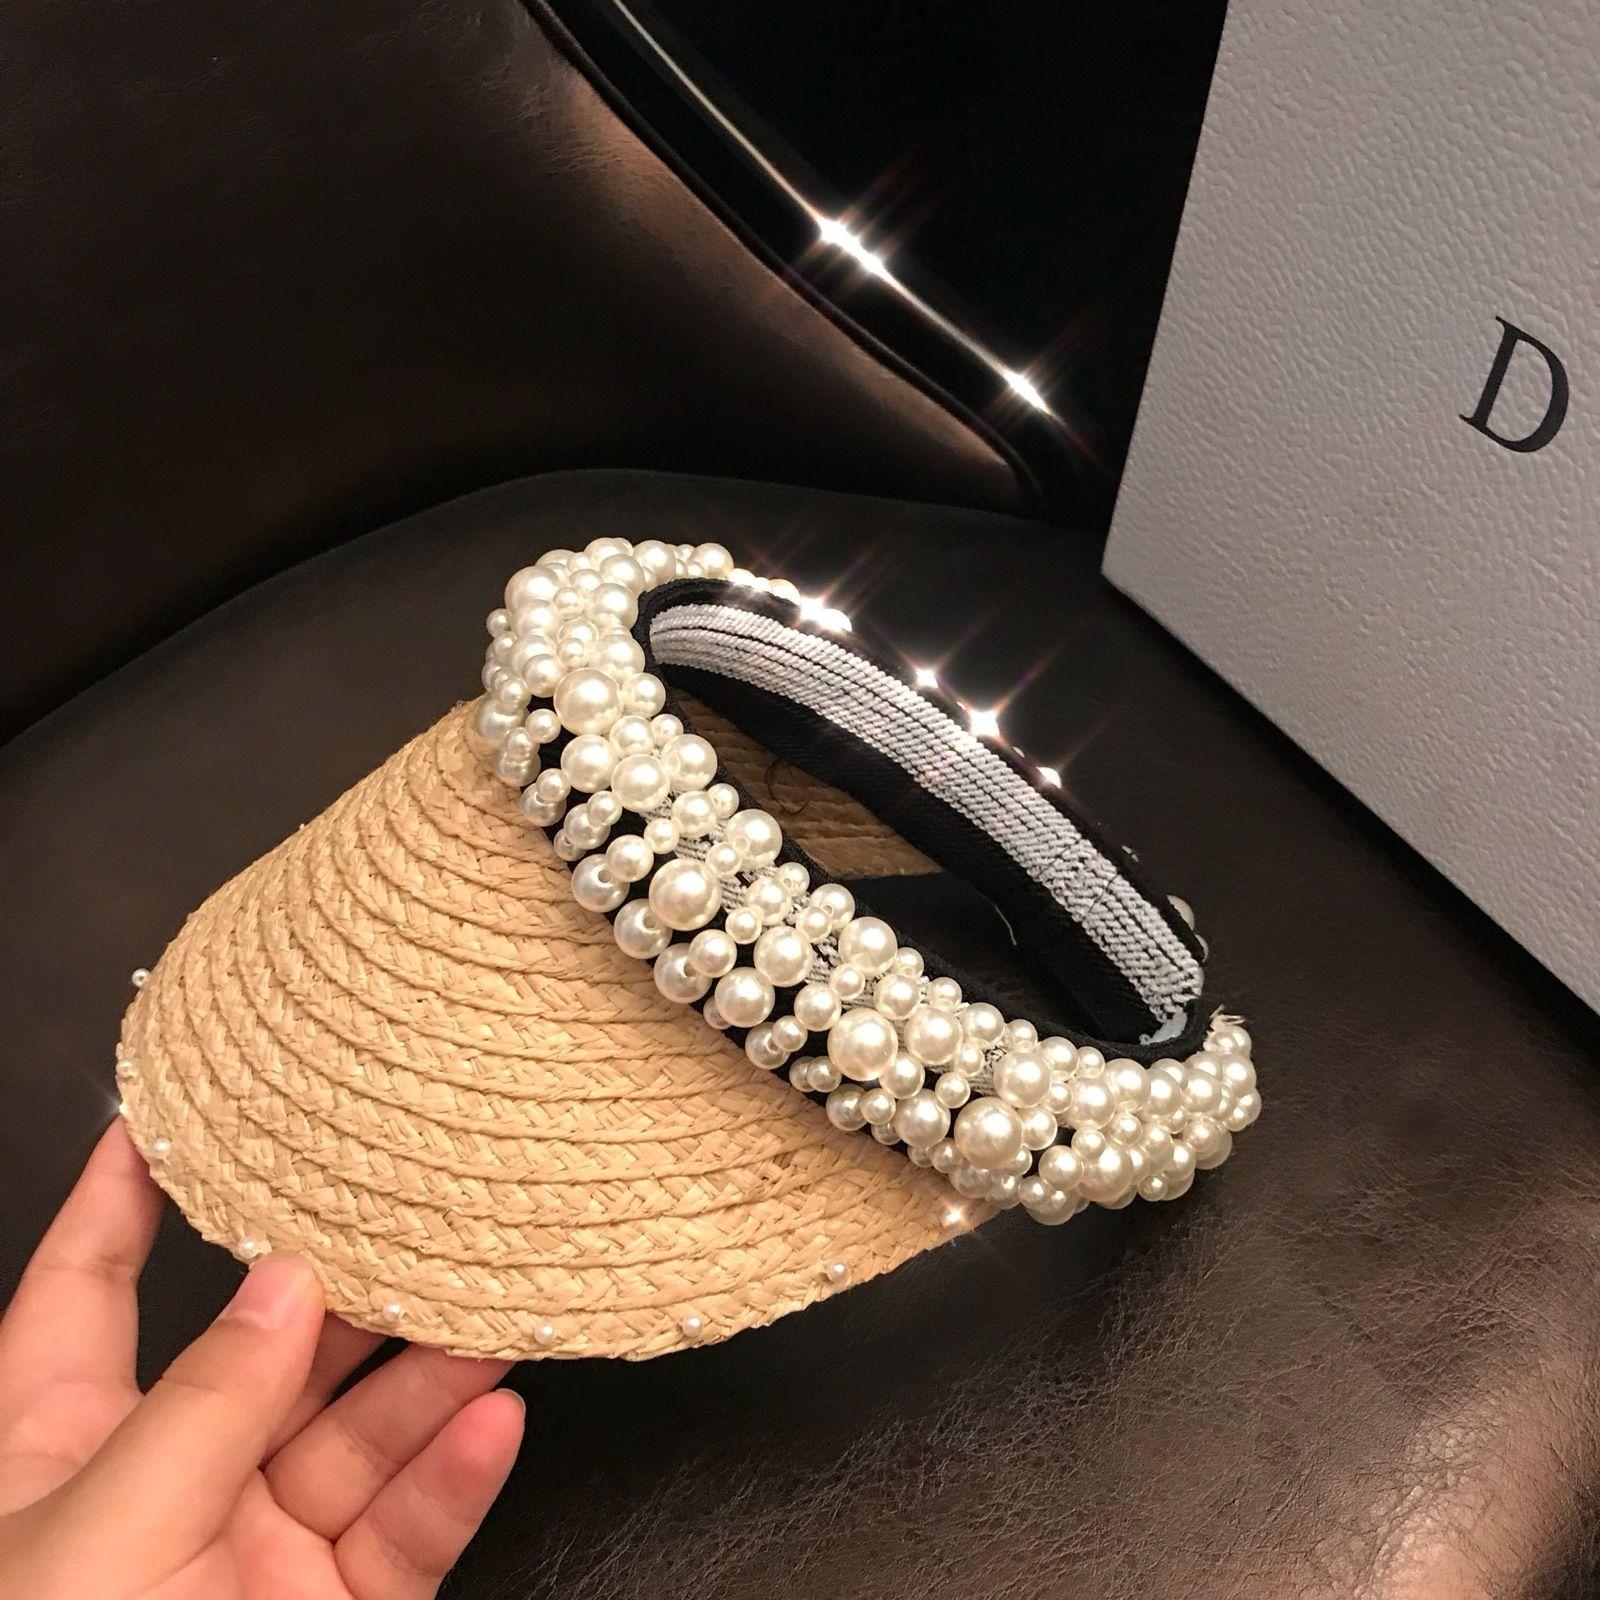 Paglia delle nuove donne alla moda toque perla cucito a mano delle donne svuotare cappello di Lafite cappello di paglia del sole del bordo superiore Pearl per le donne